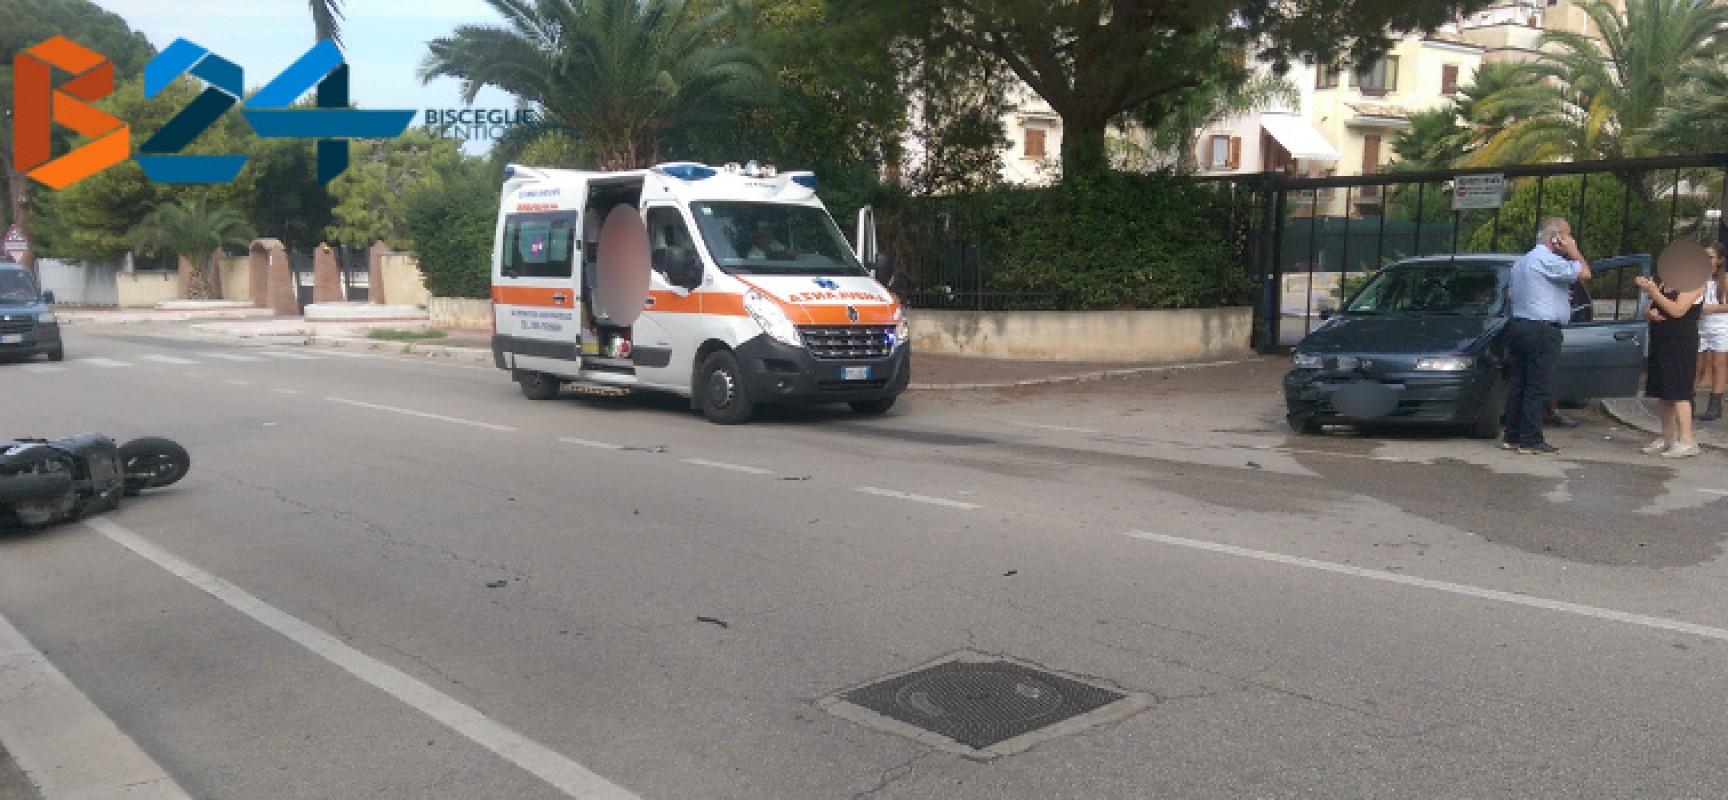 Incidente tra auto e scooter su via Sant'Andrea, trasportato al pronto soccorso il motociclista